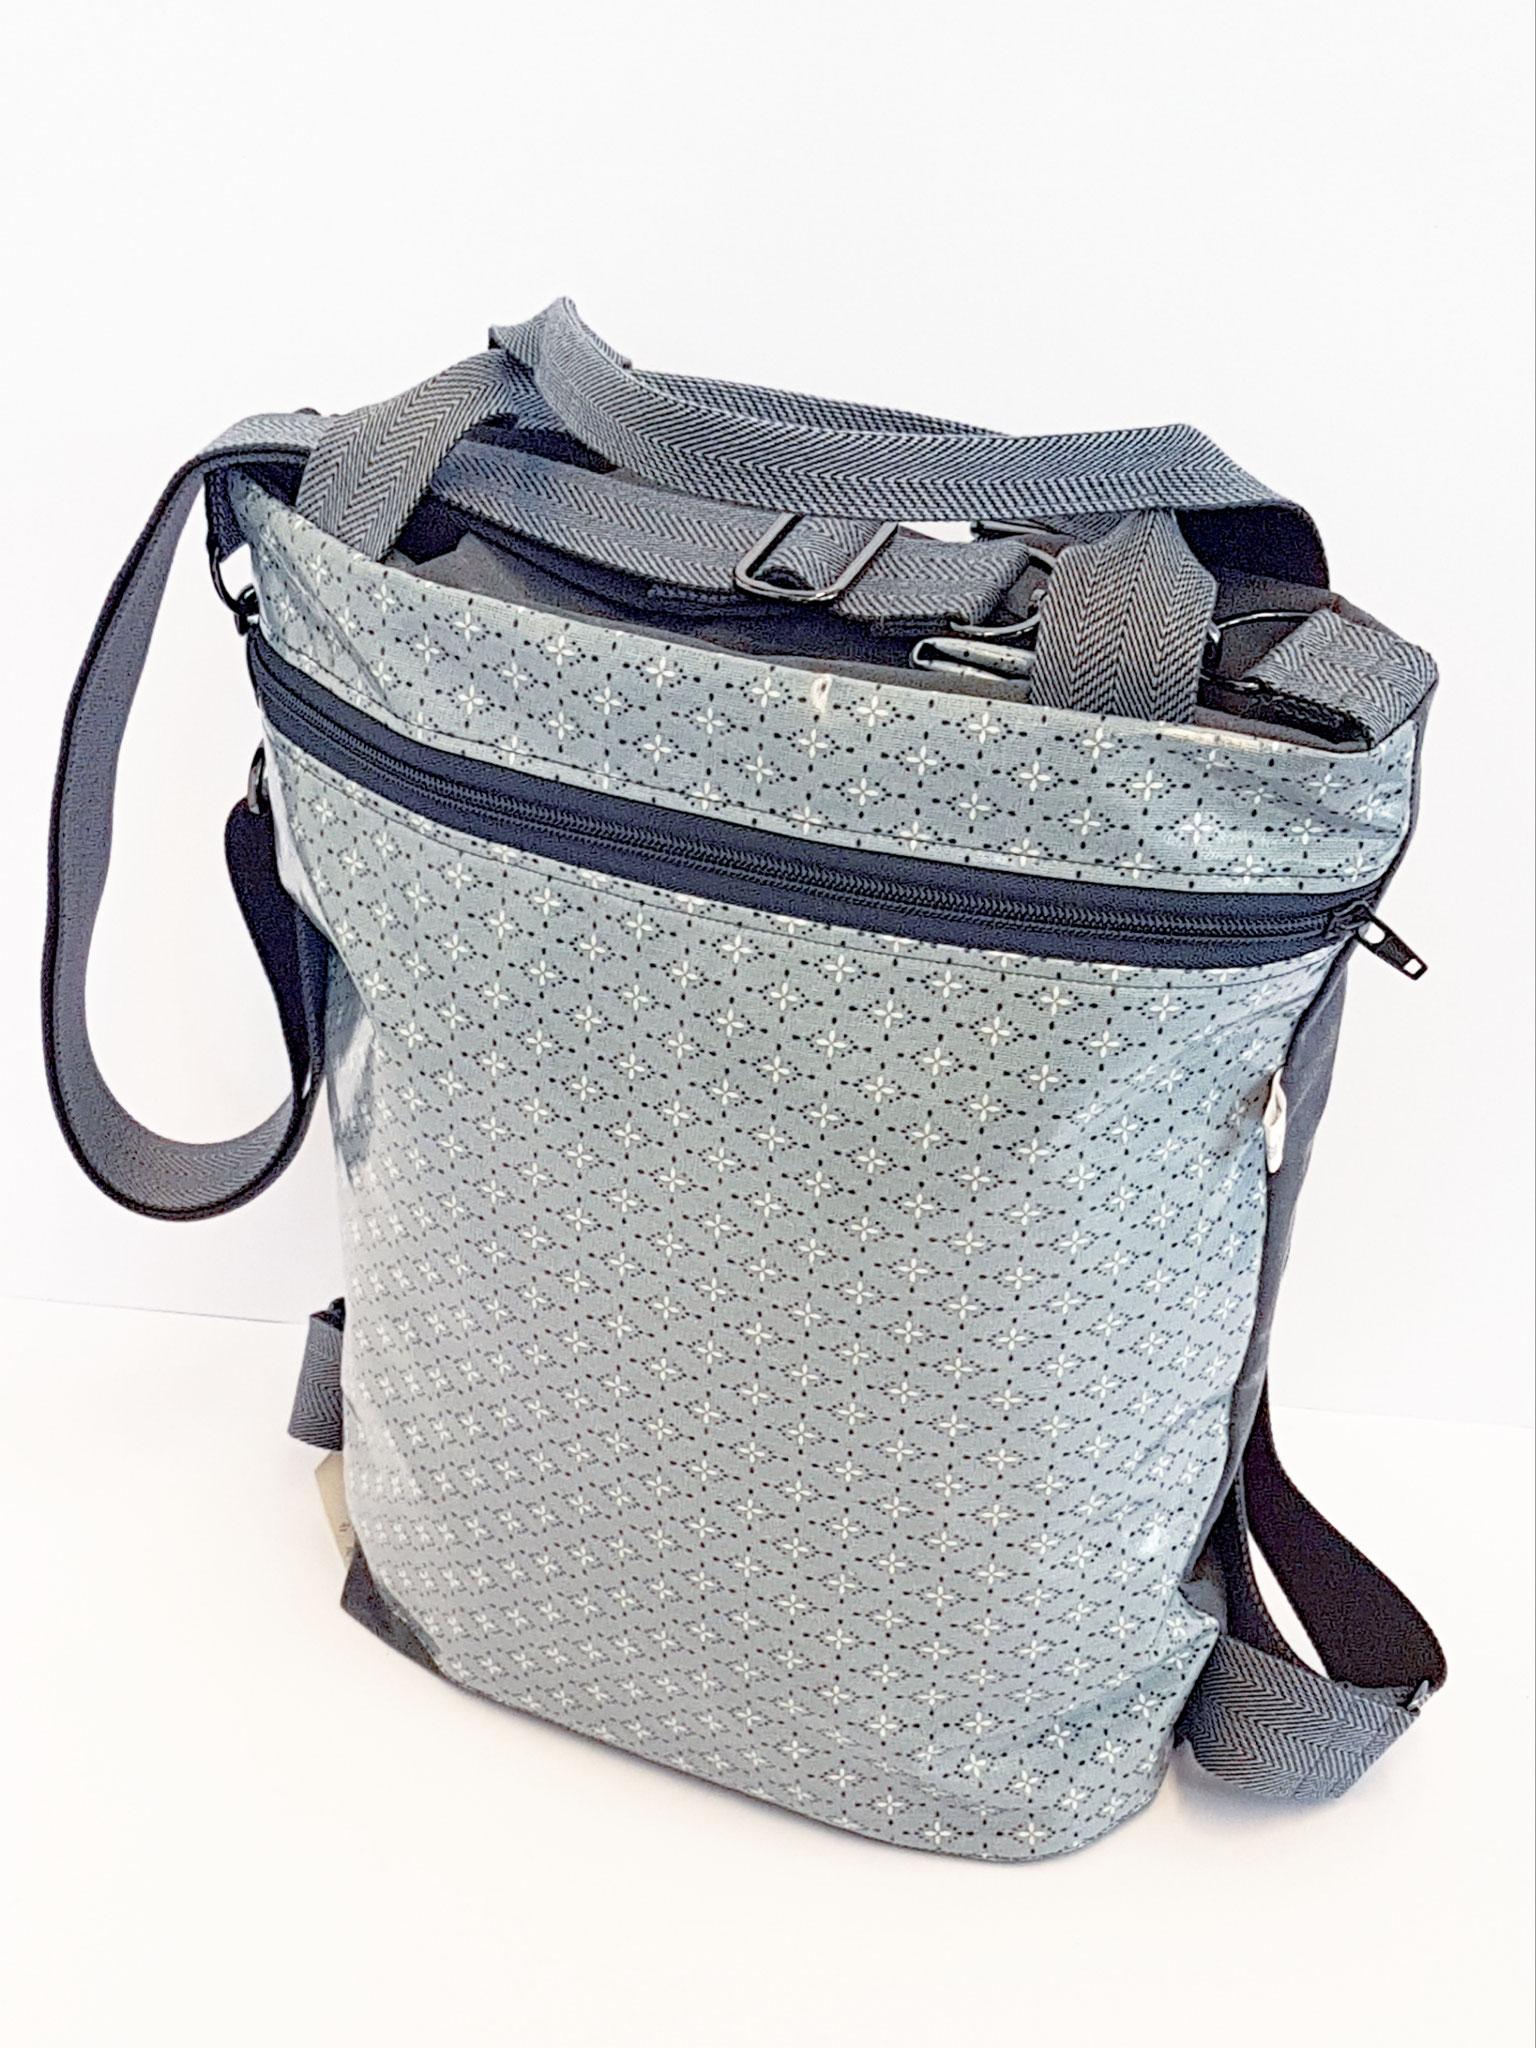 3in1 Bag Grösse L, Fr. 185.-